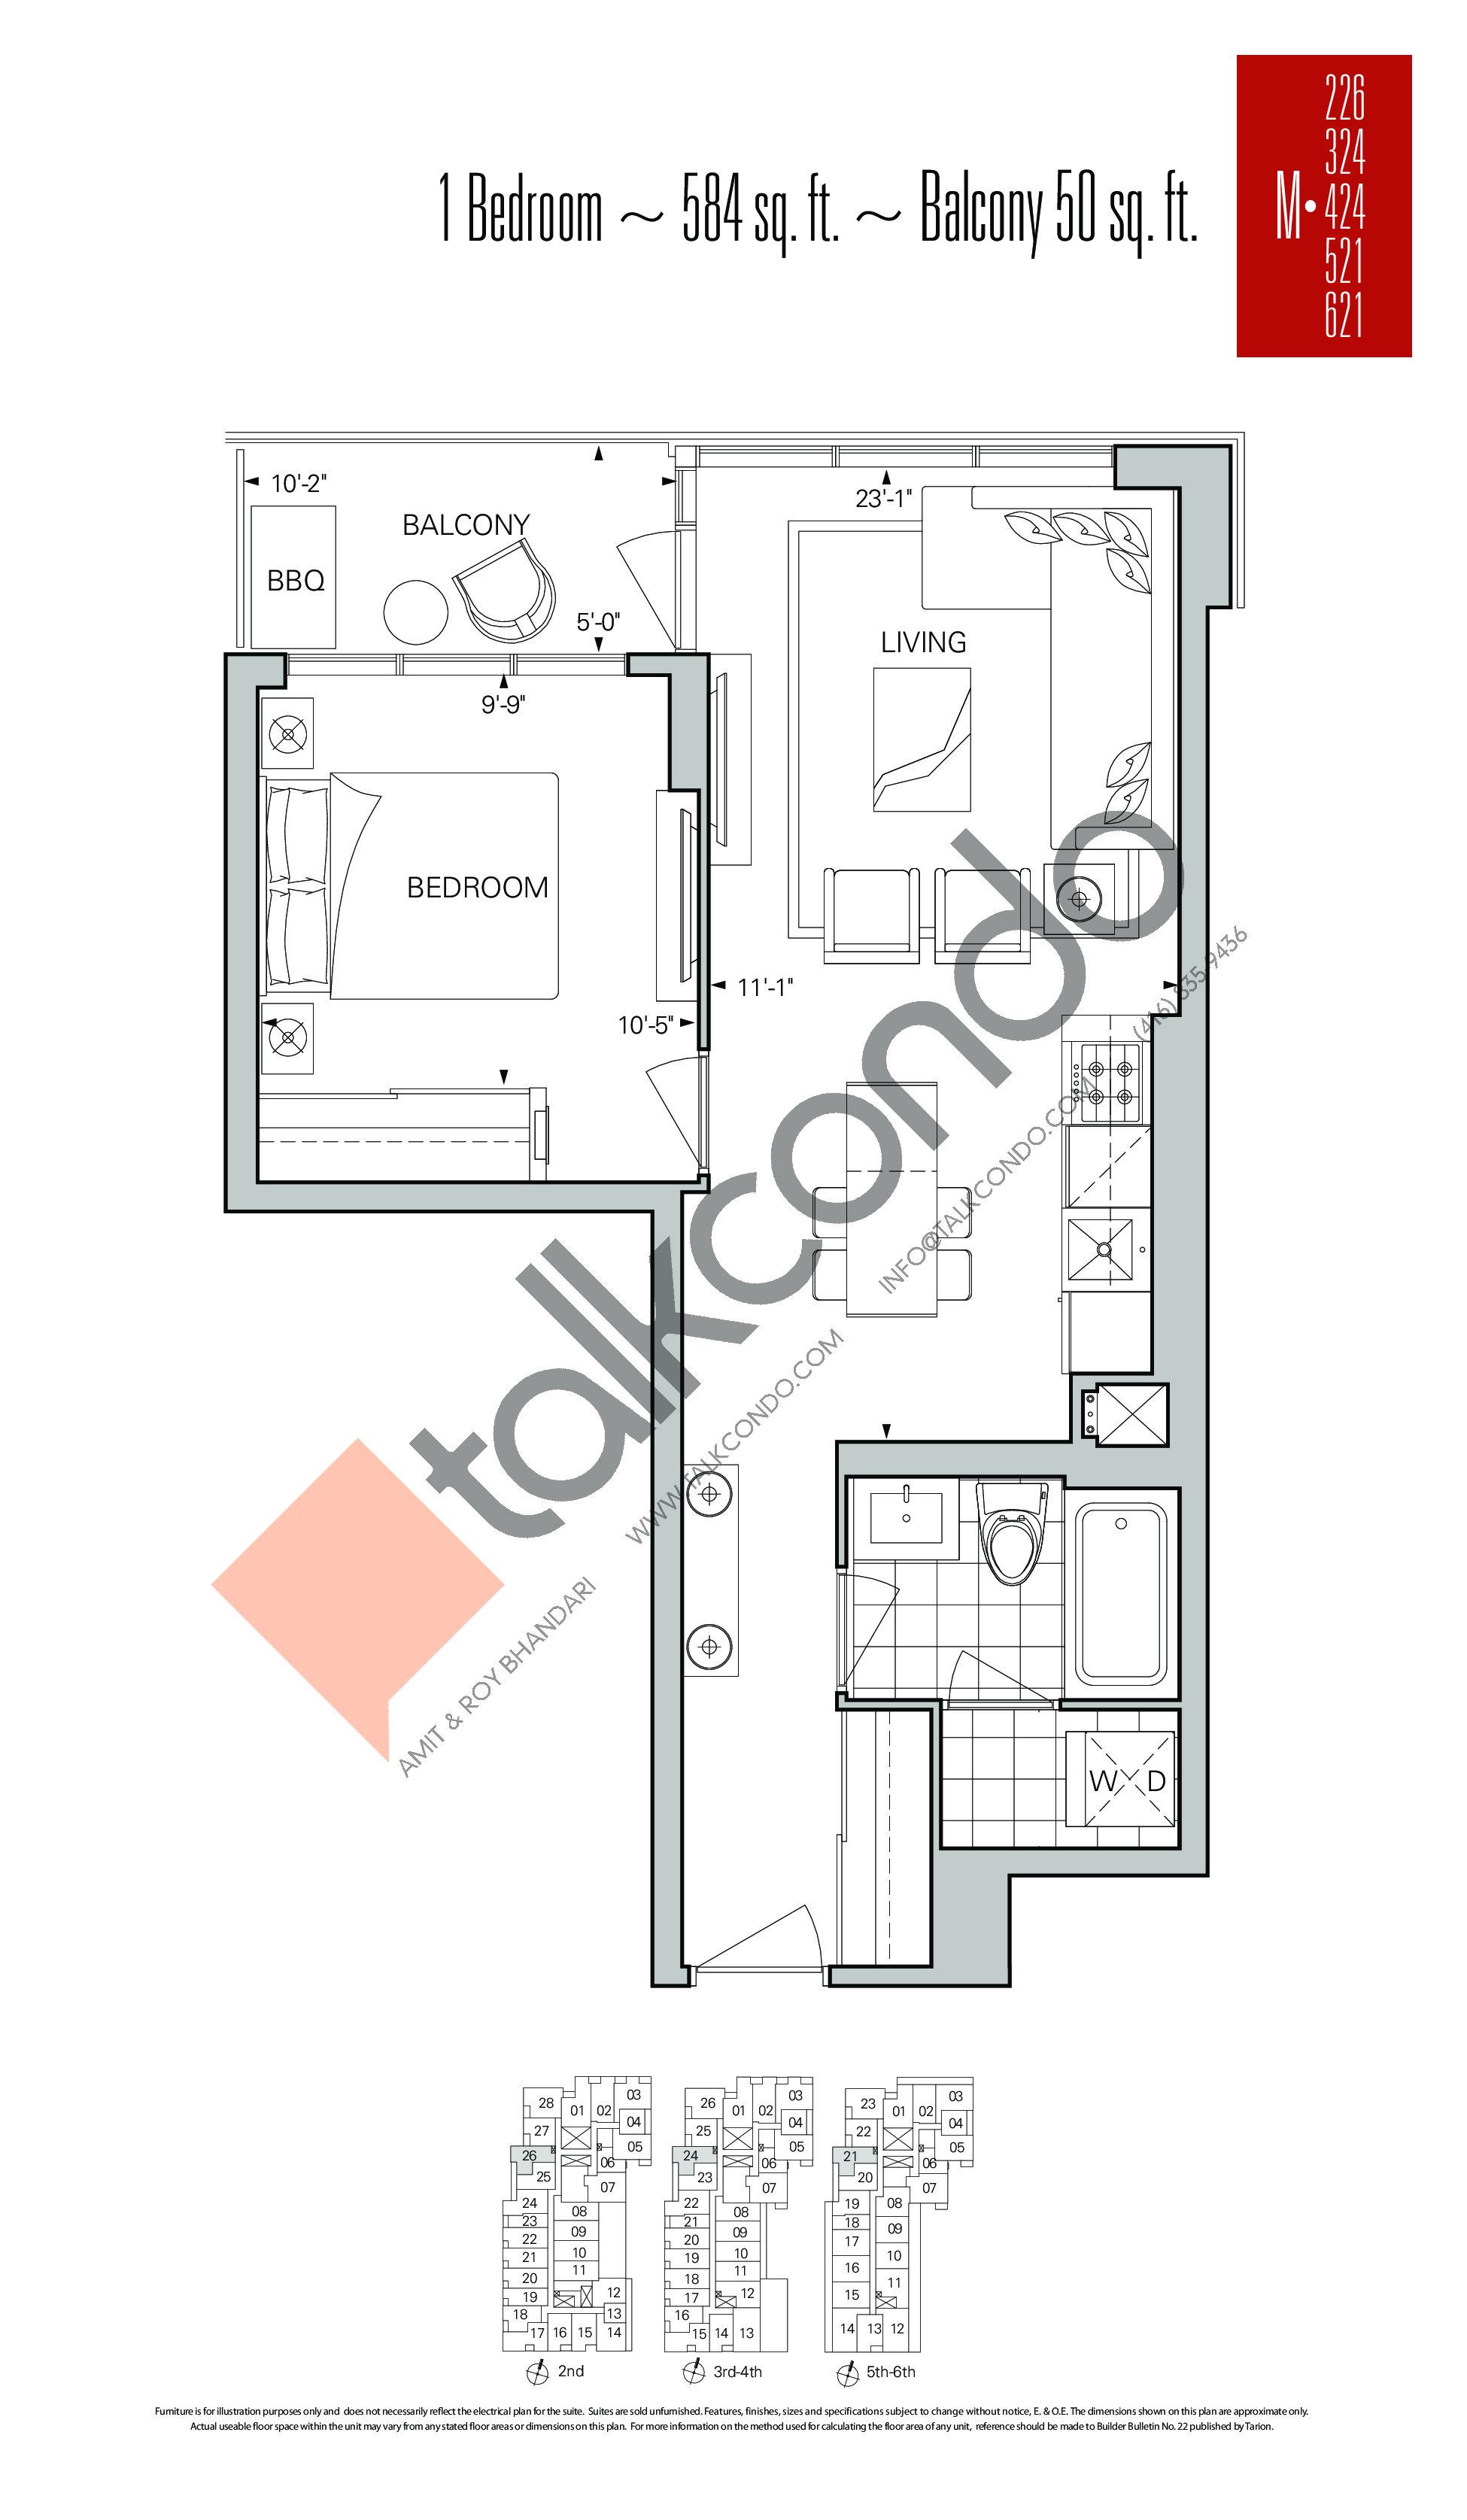 M-226 | M-324 | M-424 | M-521 | M-621 Floor Plan at Rise Condos - 584 sq.ft